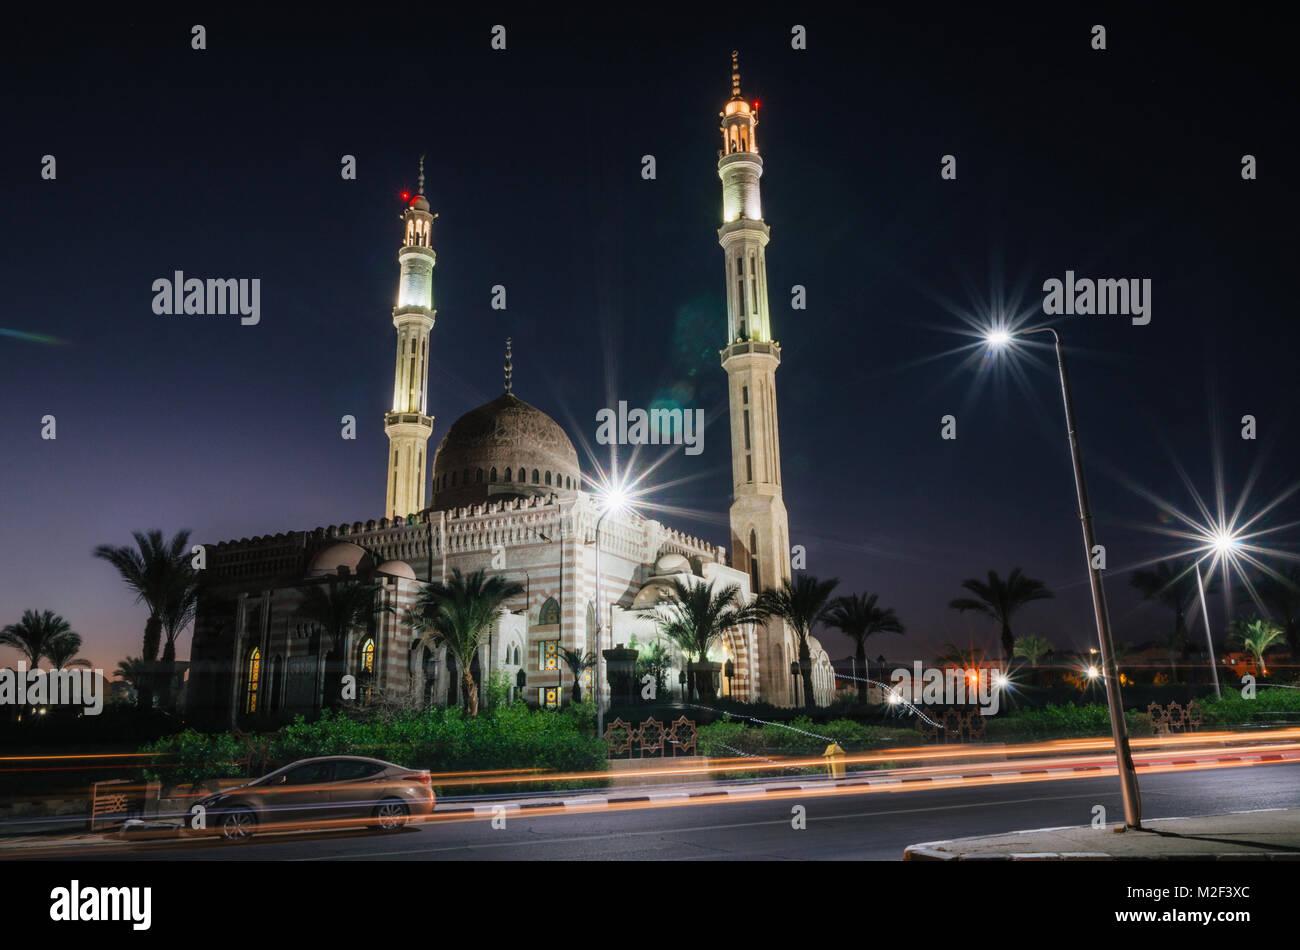 Moschee Masjid al-Mostafa in der Stadt von Sharm el Sheikh in Ägypten in der Nacht beleuchtung Stockbild